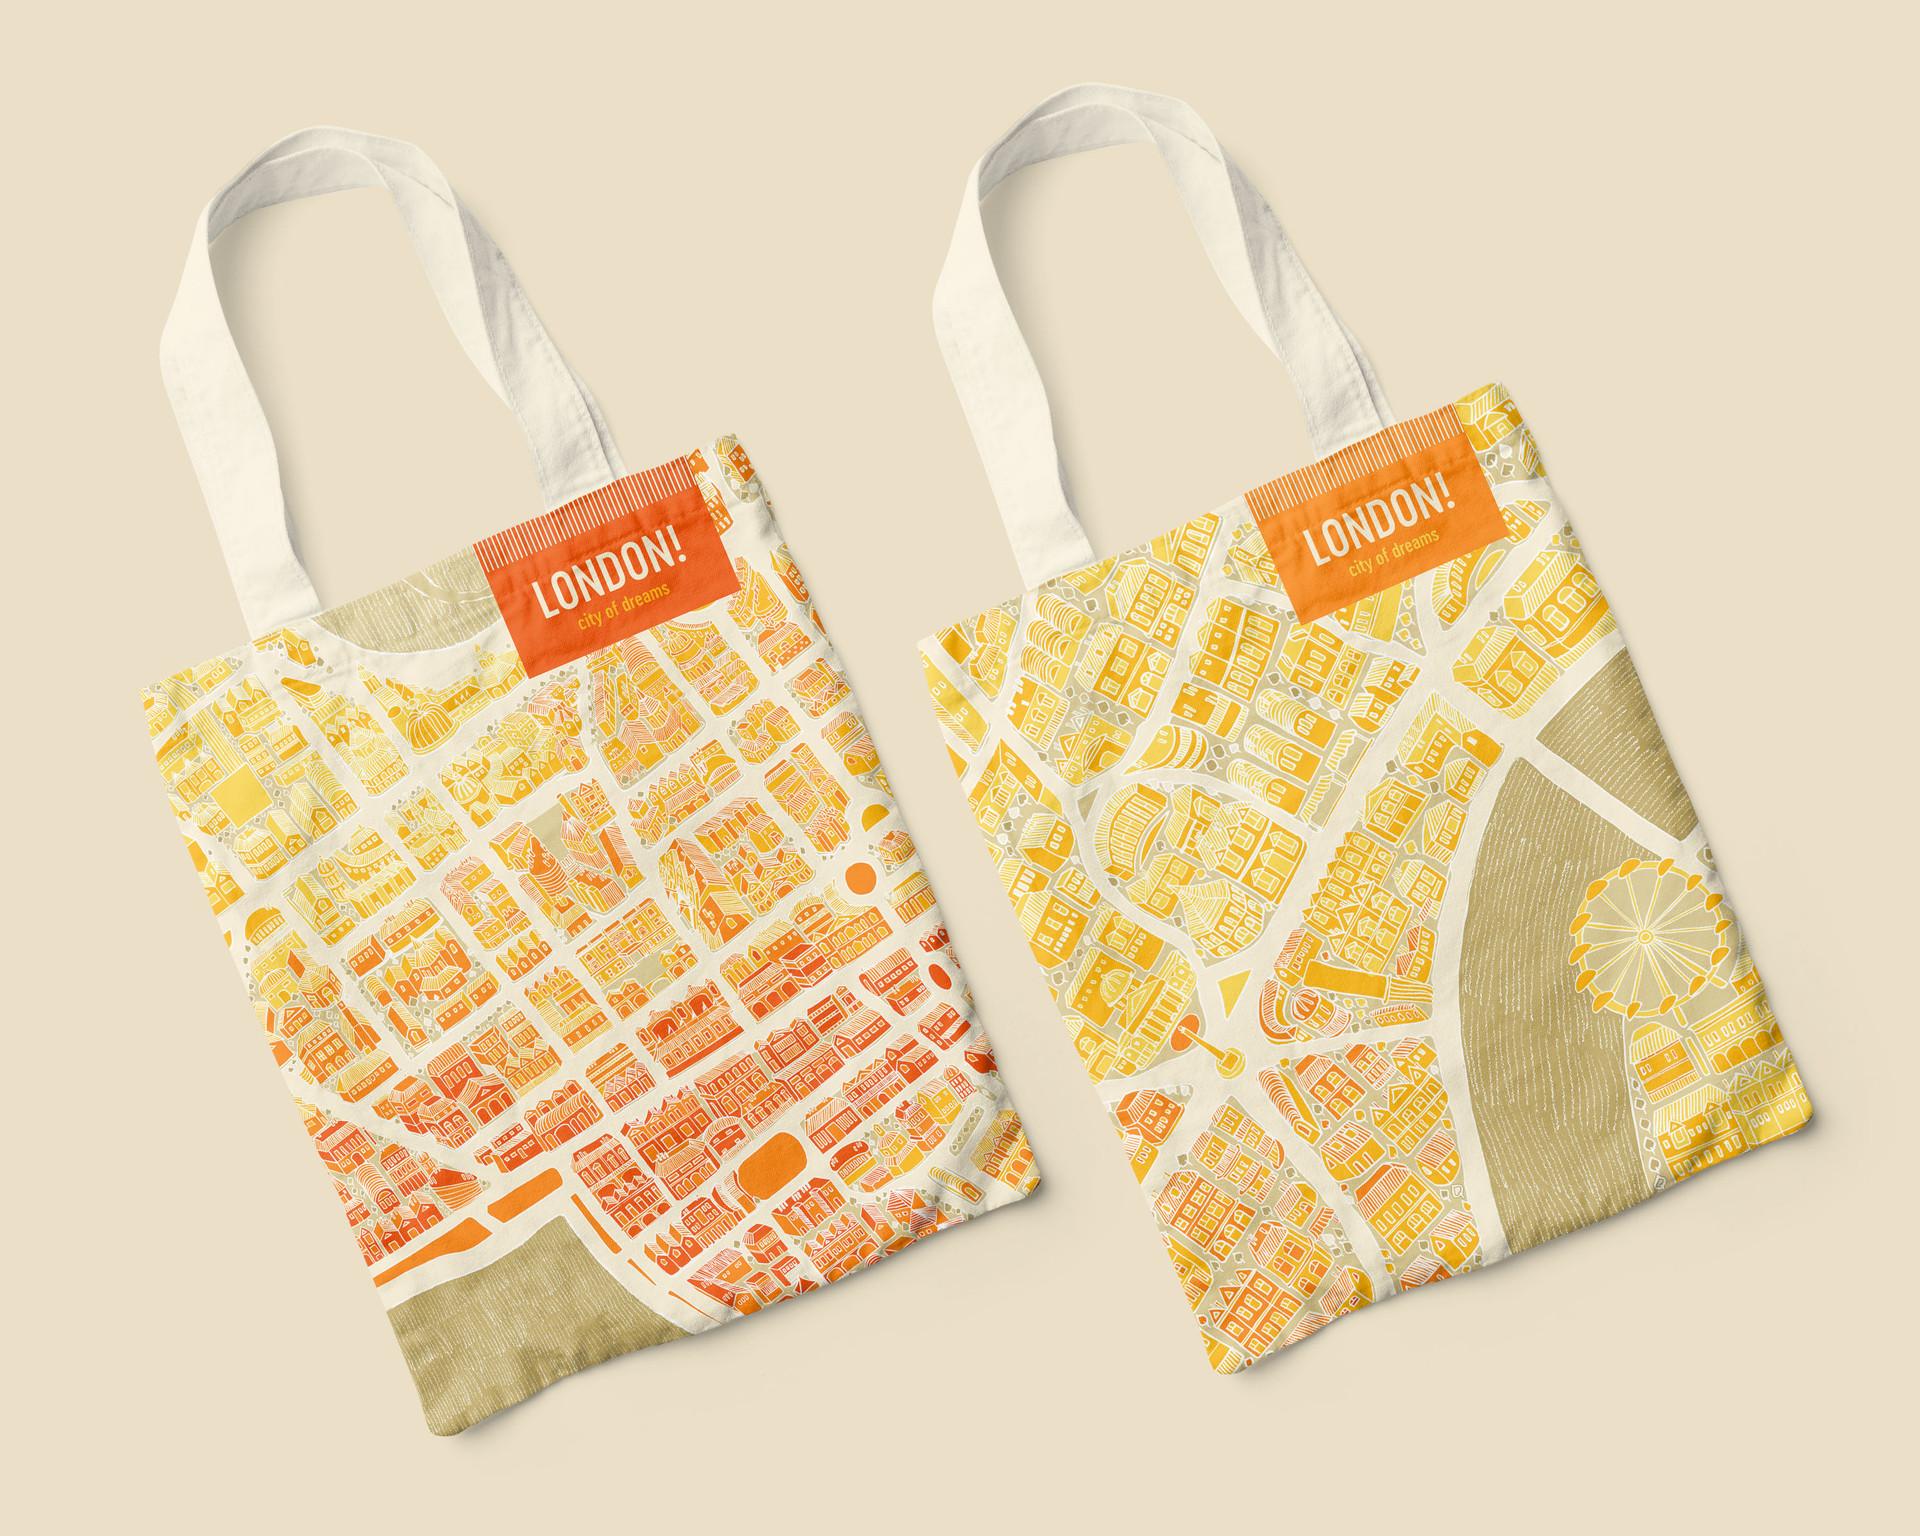 tote bag_london map.jpg